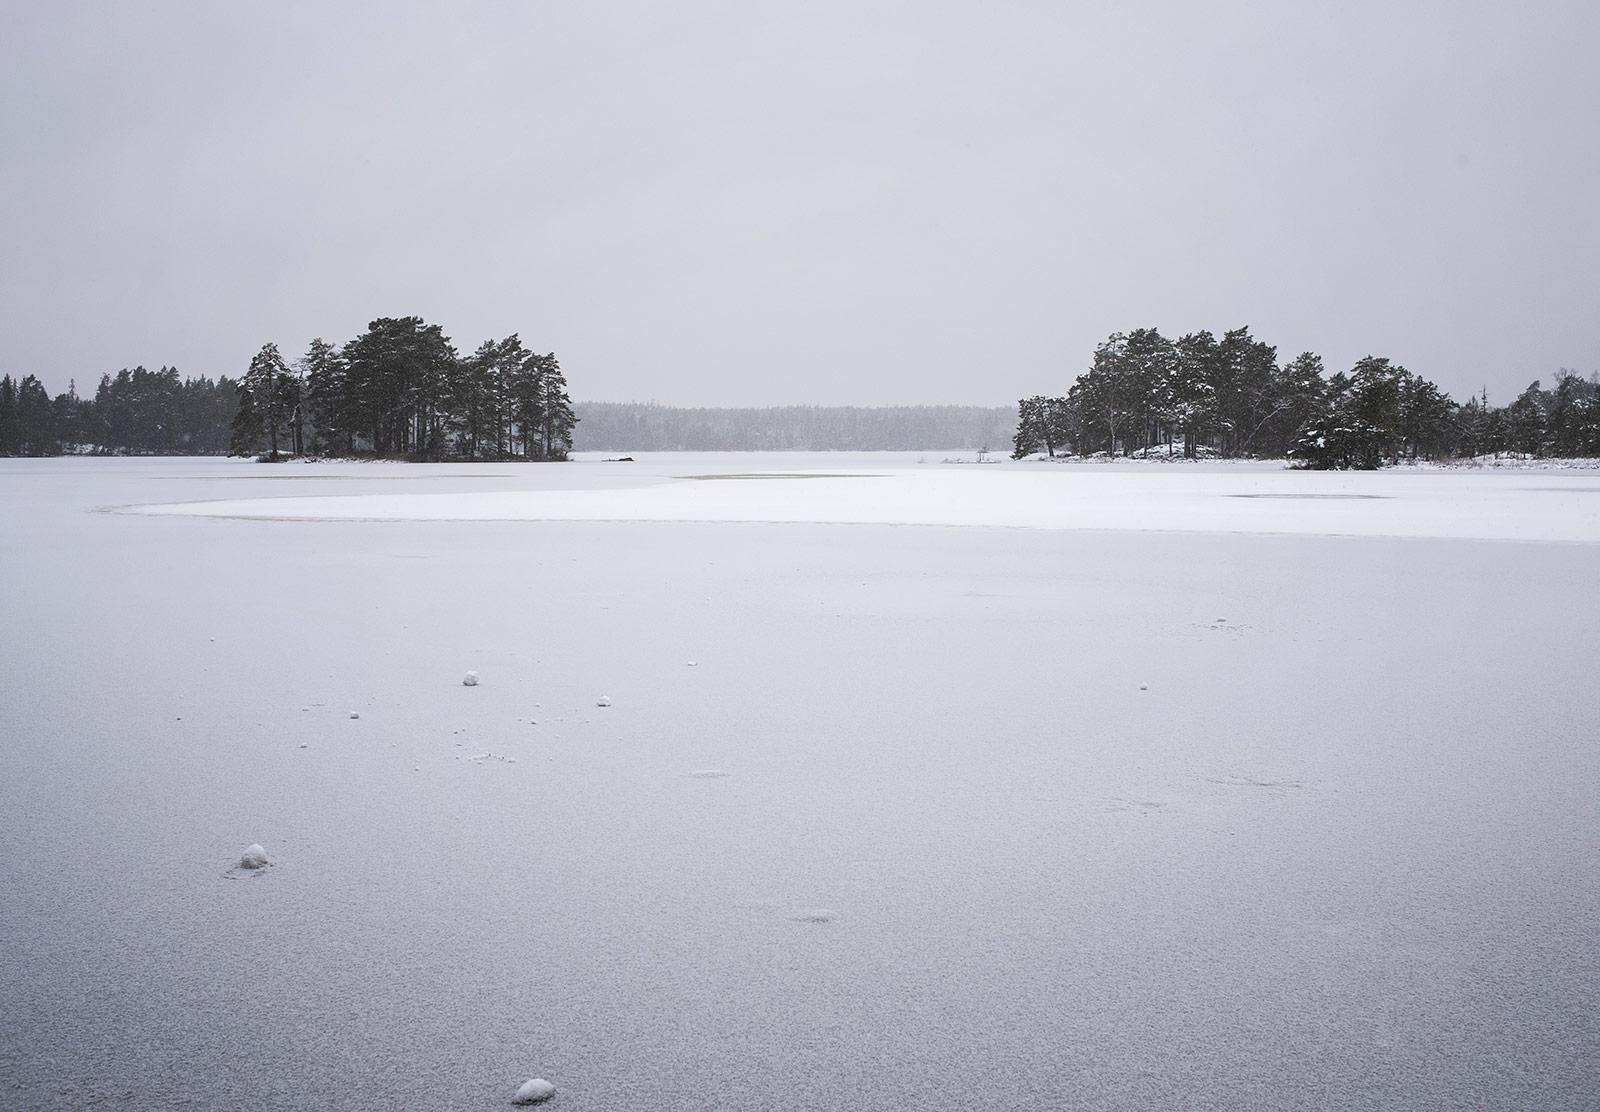 Frozne lake